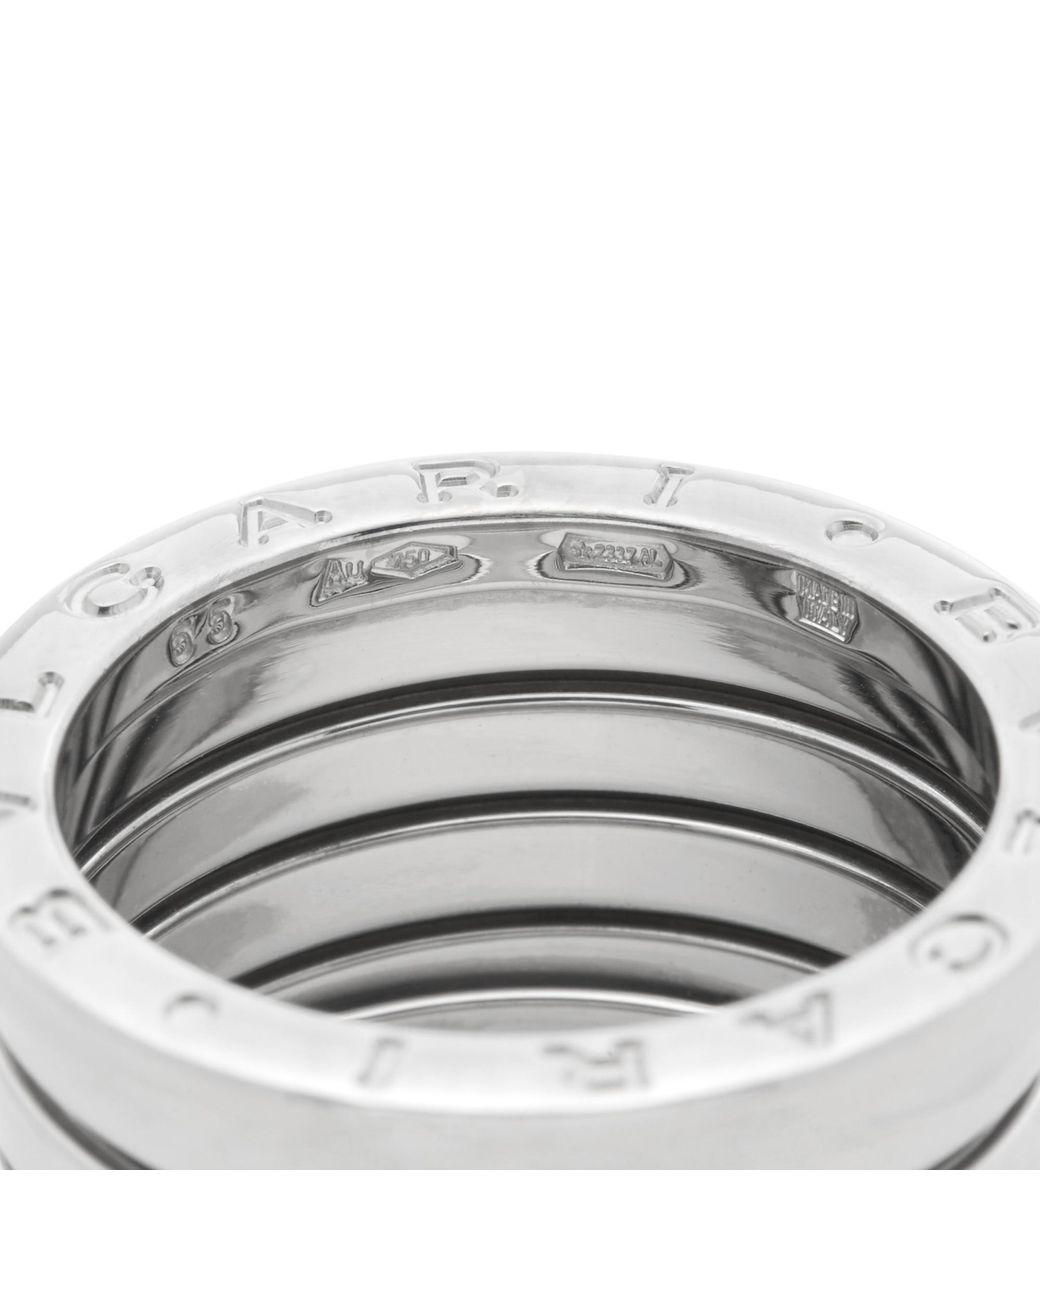 Bvlgari 18k White Gold 5 Band B Zero 1 Ring Lyst